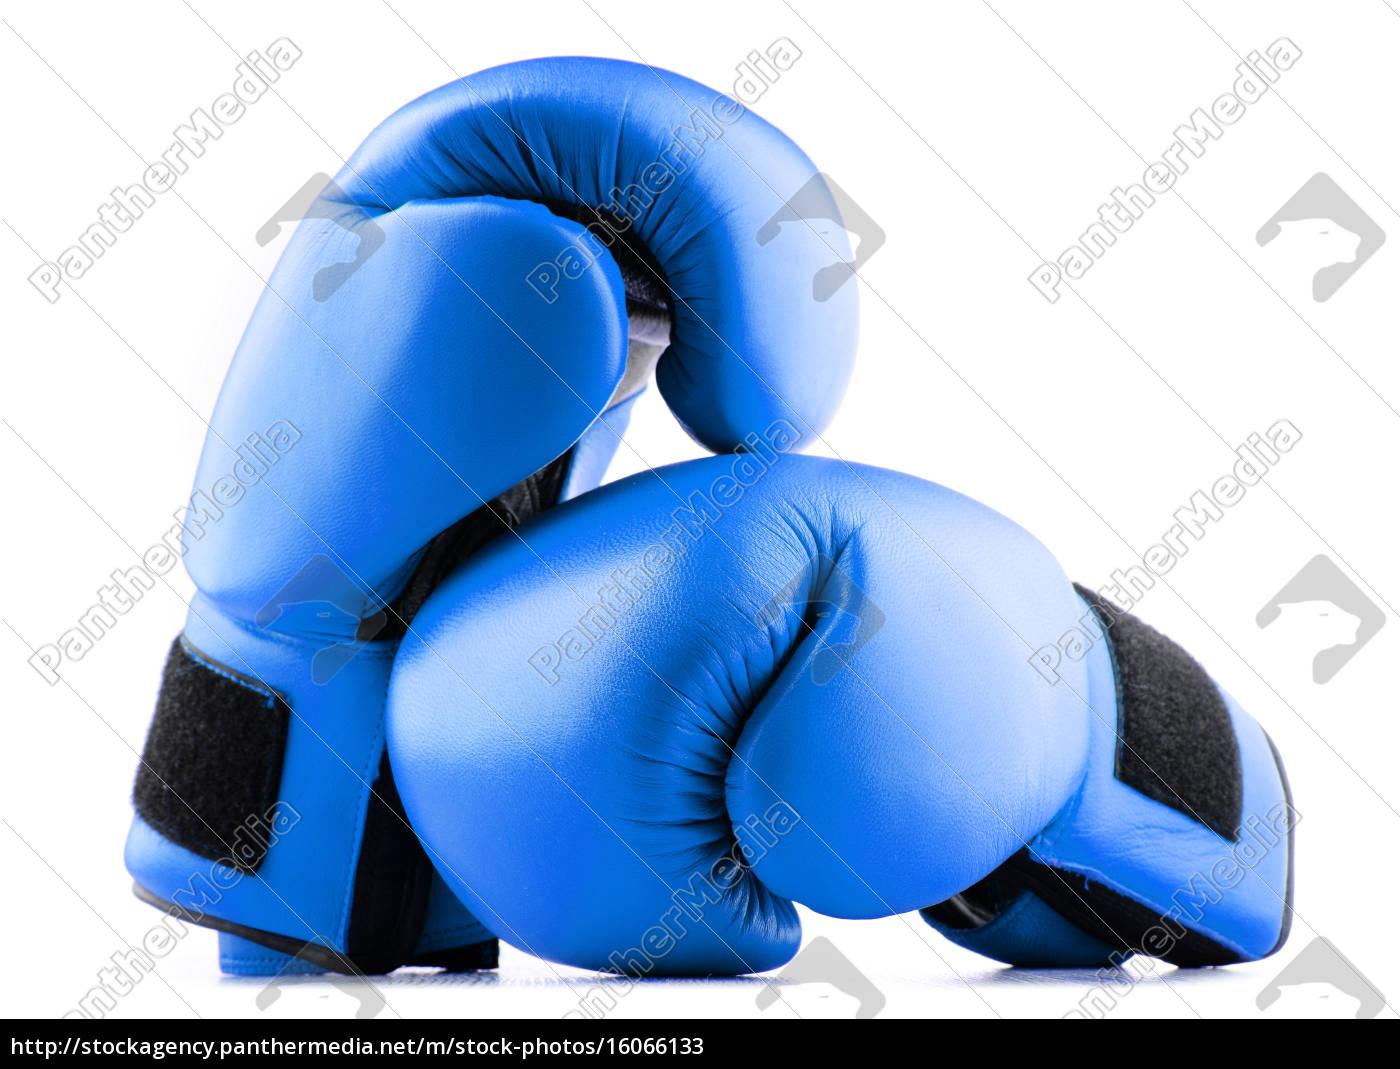 paare, der, blauen, leder-boxhandschuhe, isoliert, auf - 16066133